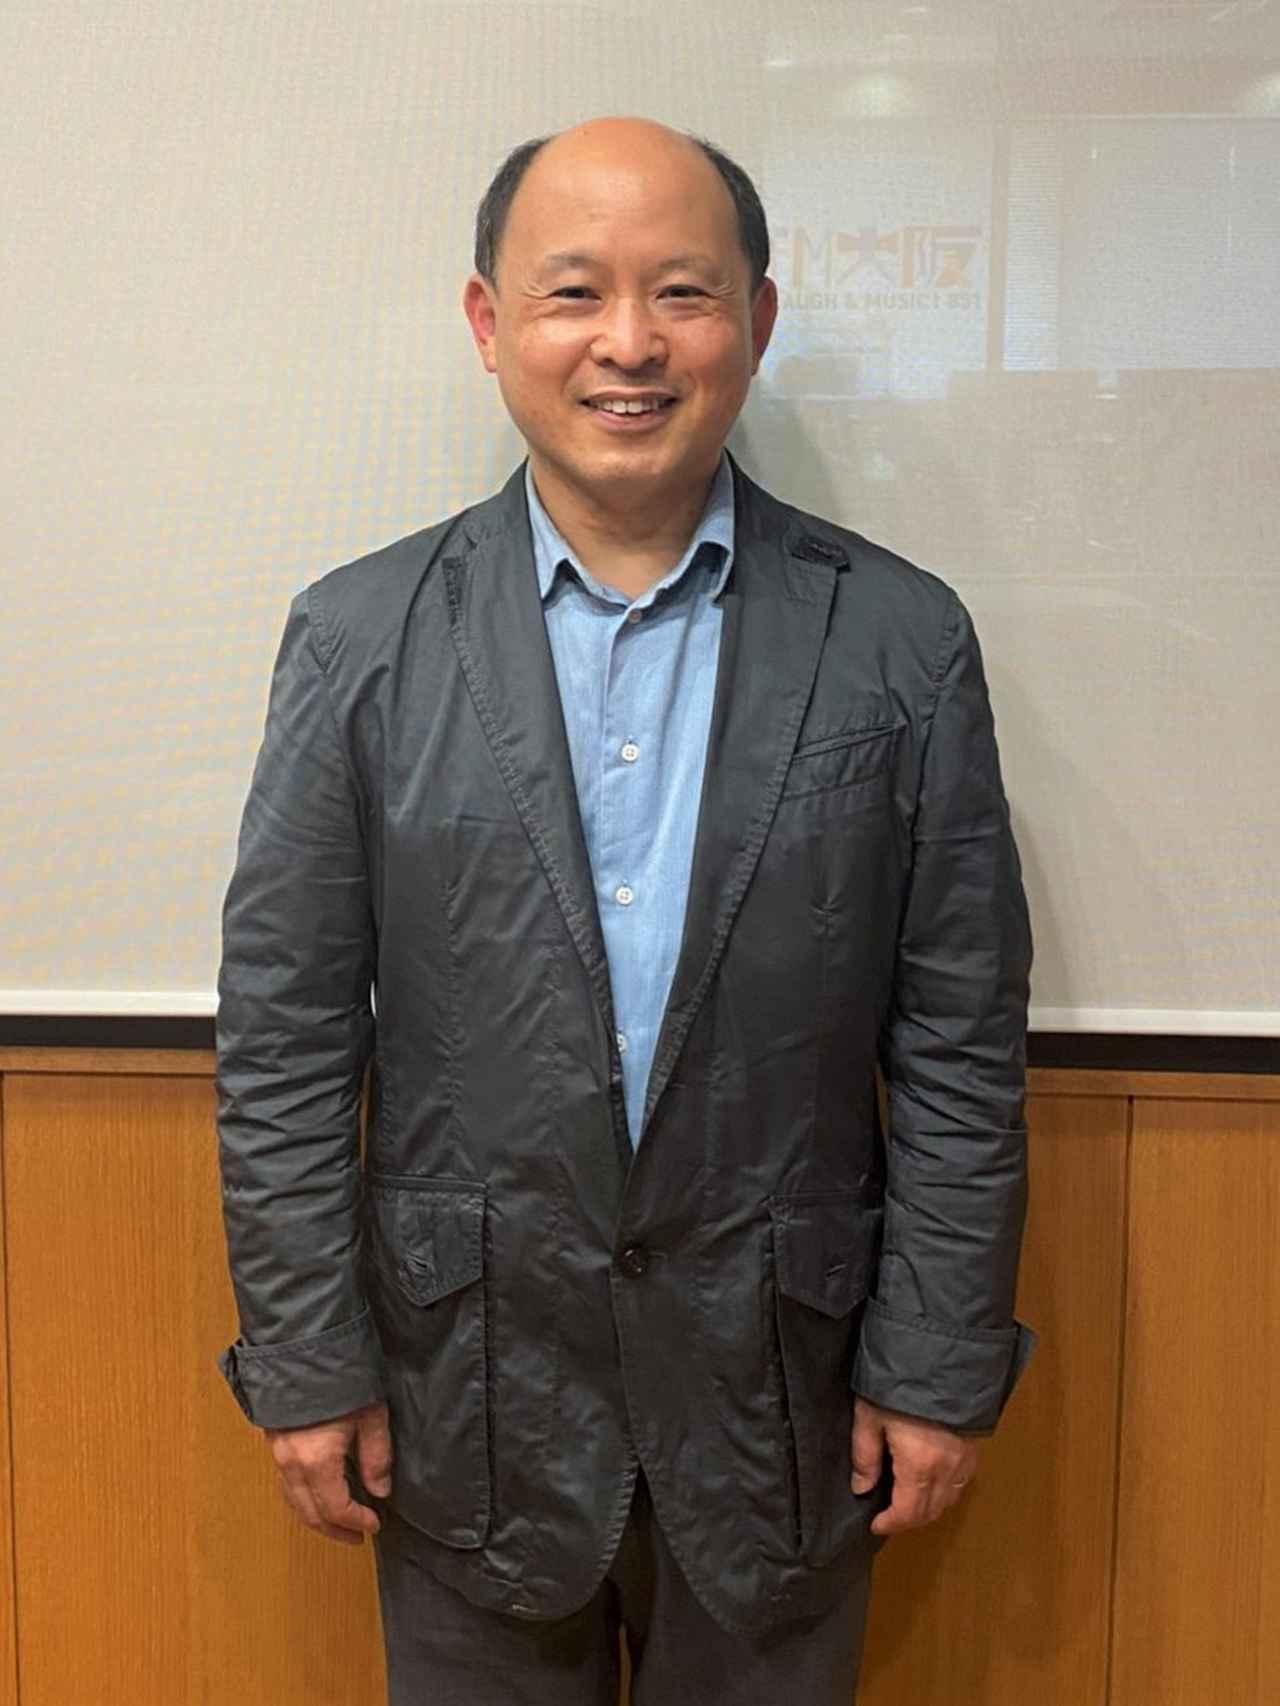 画像: 株式会社 夢職人 代表取締役社長 辻 陽平 氏